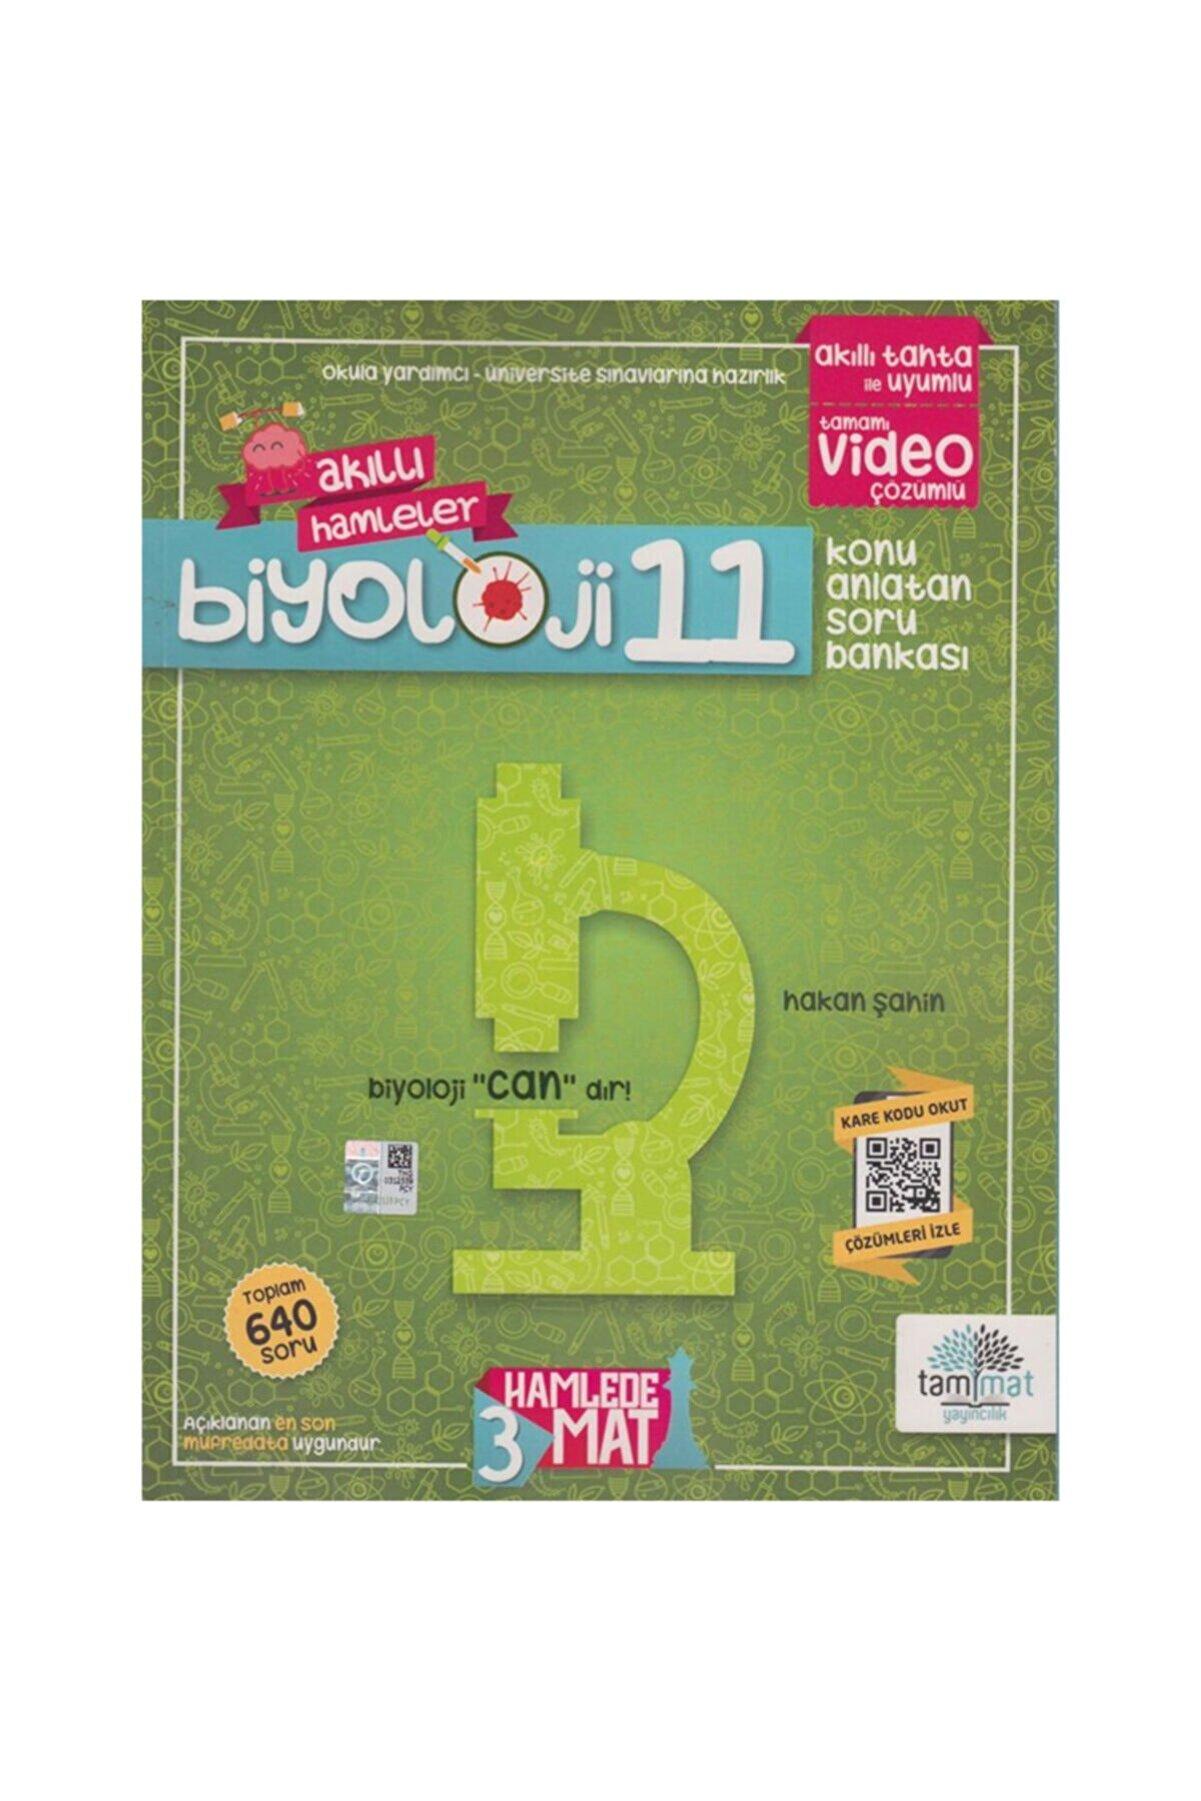 Tammat Yayınları 11. Sınıf Biyoloji Konu Anlatan Soru Bankası